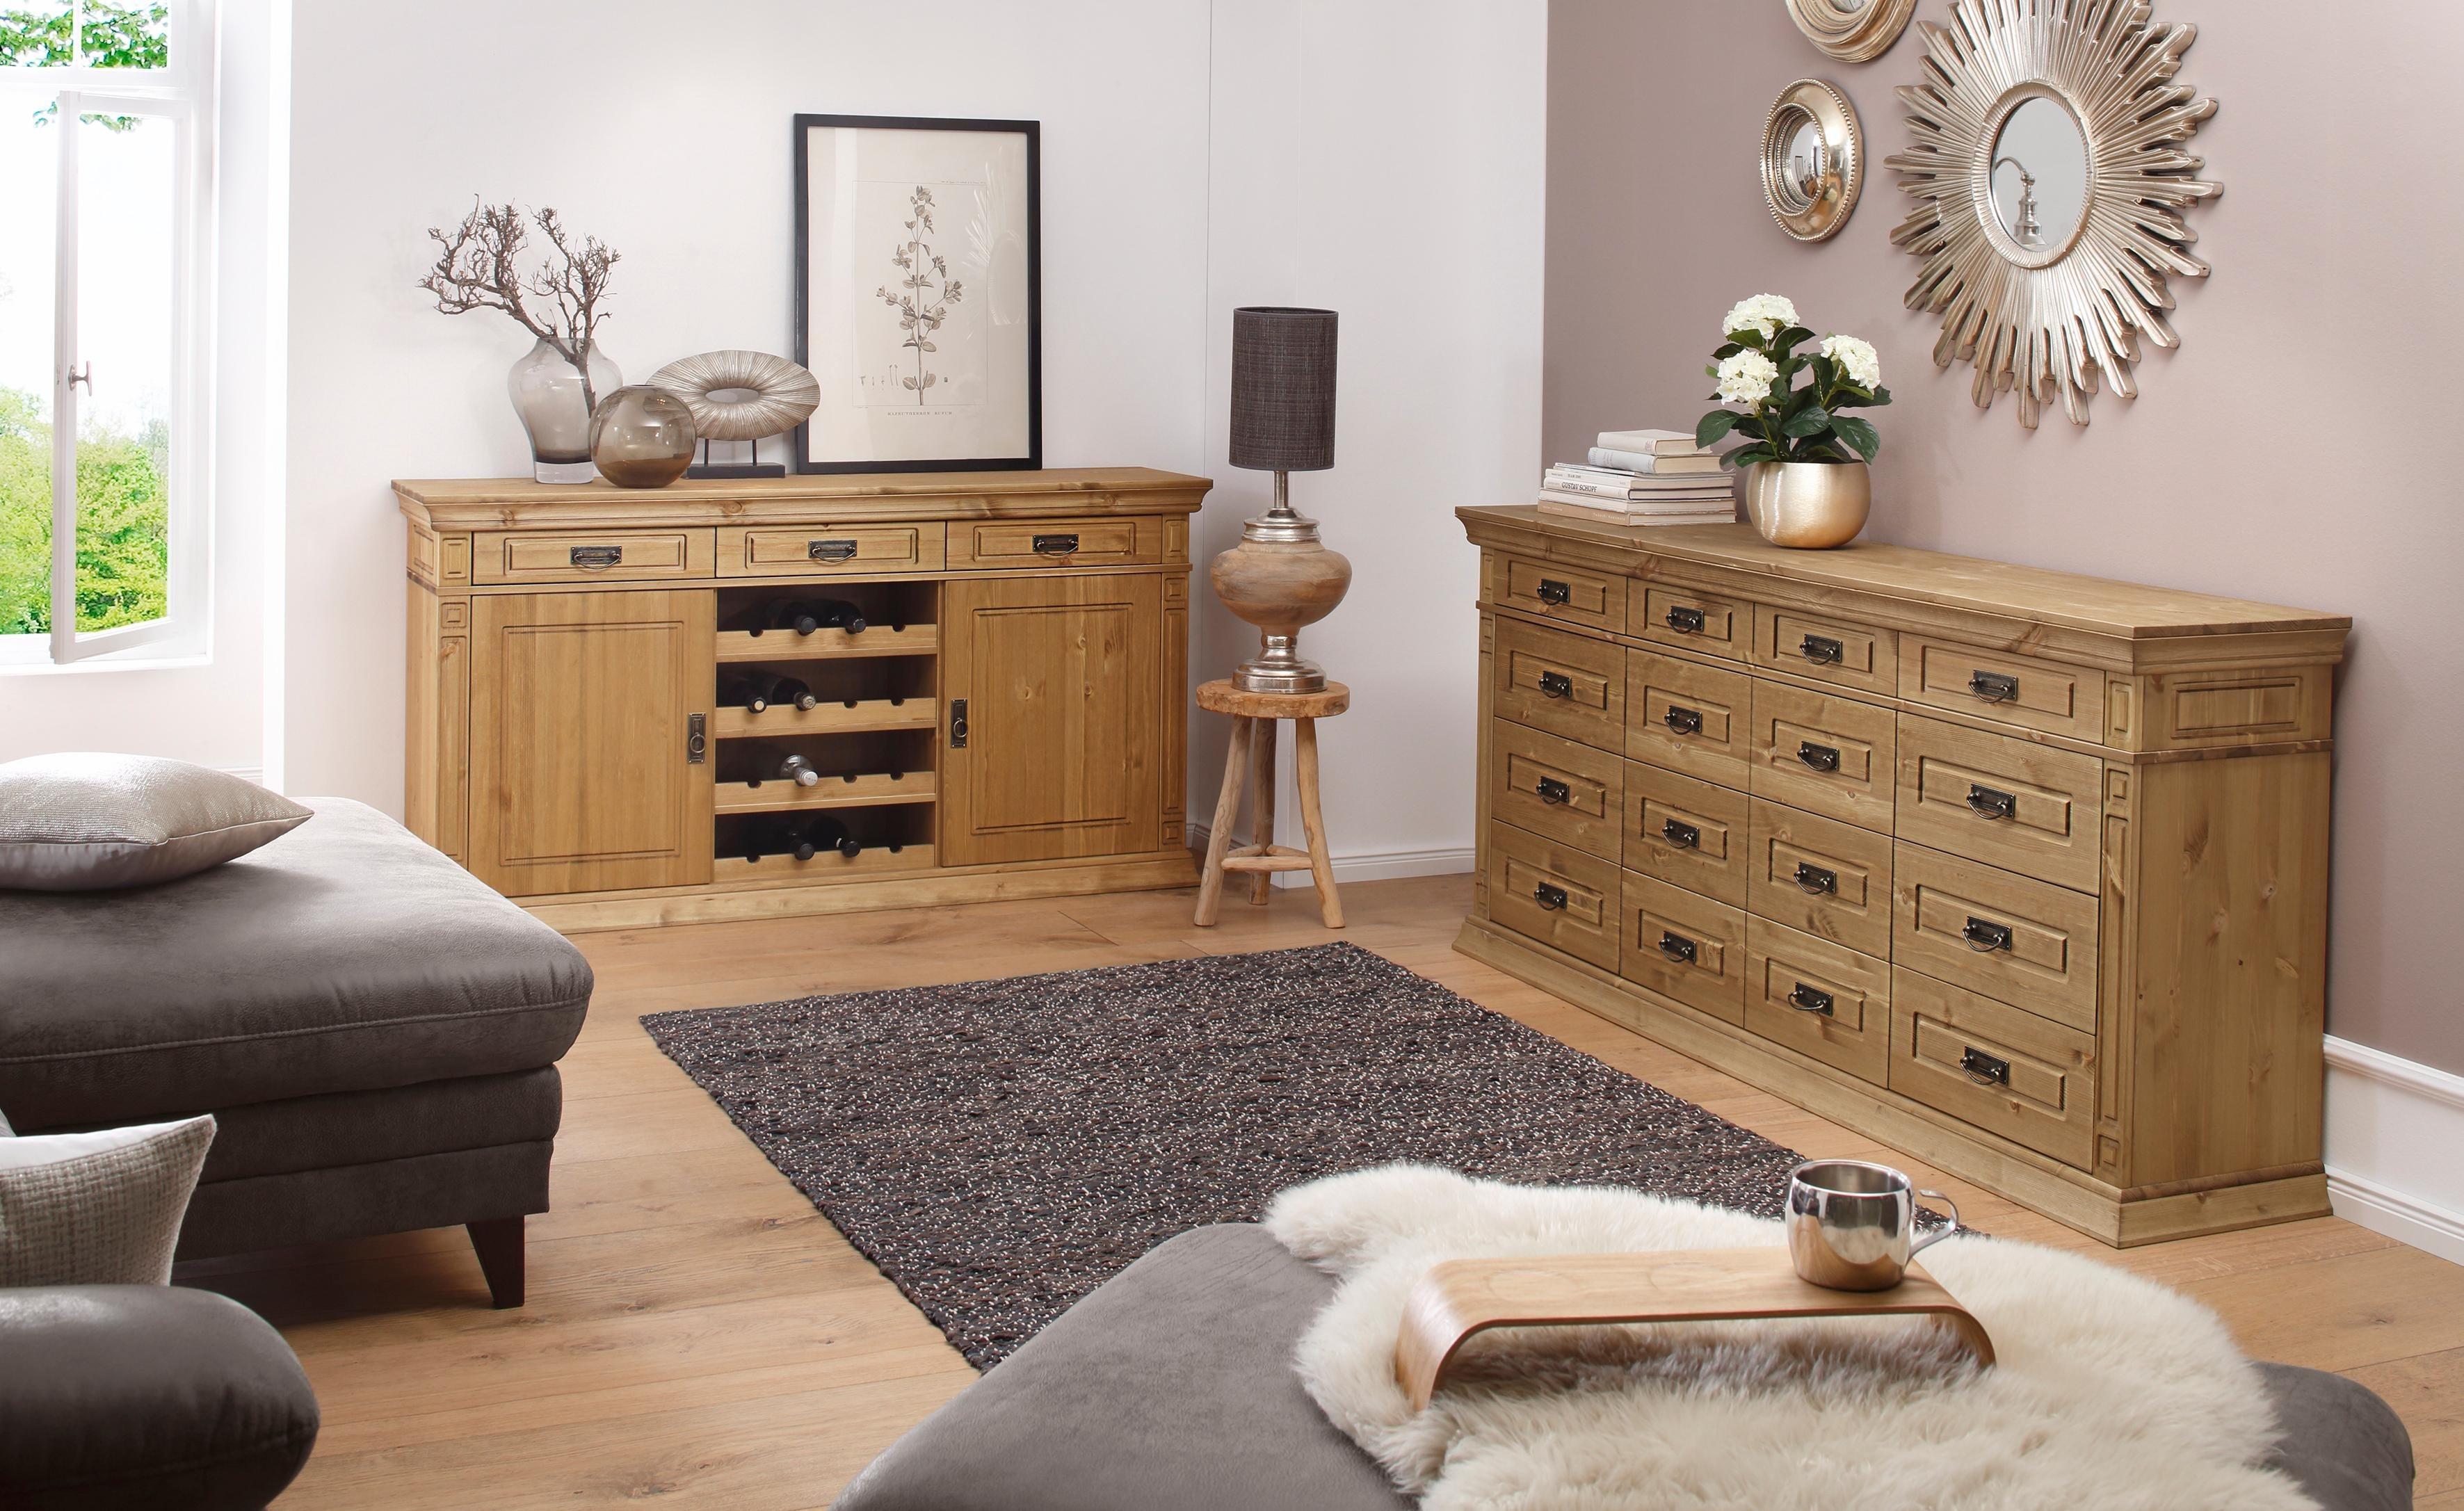 Weinregale online kaufen | Möbel-Suchmaschine | ladendirekt.de